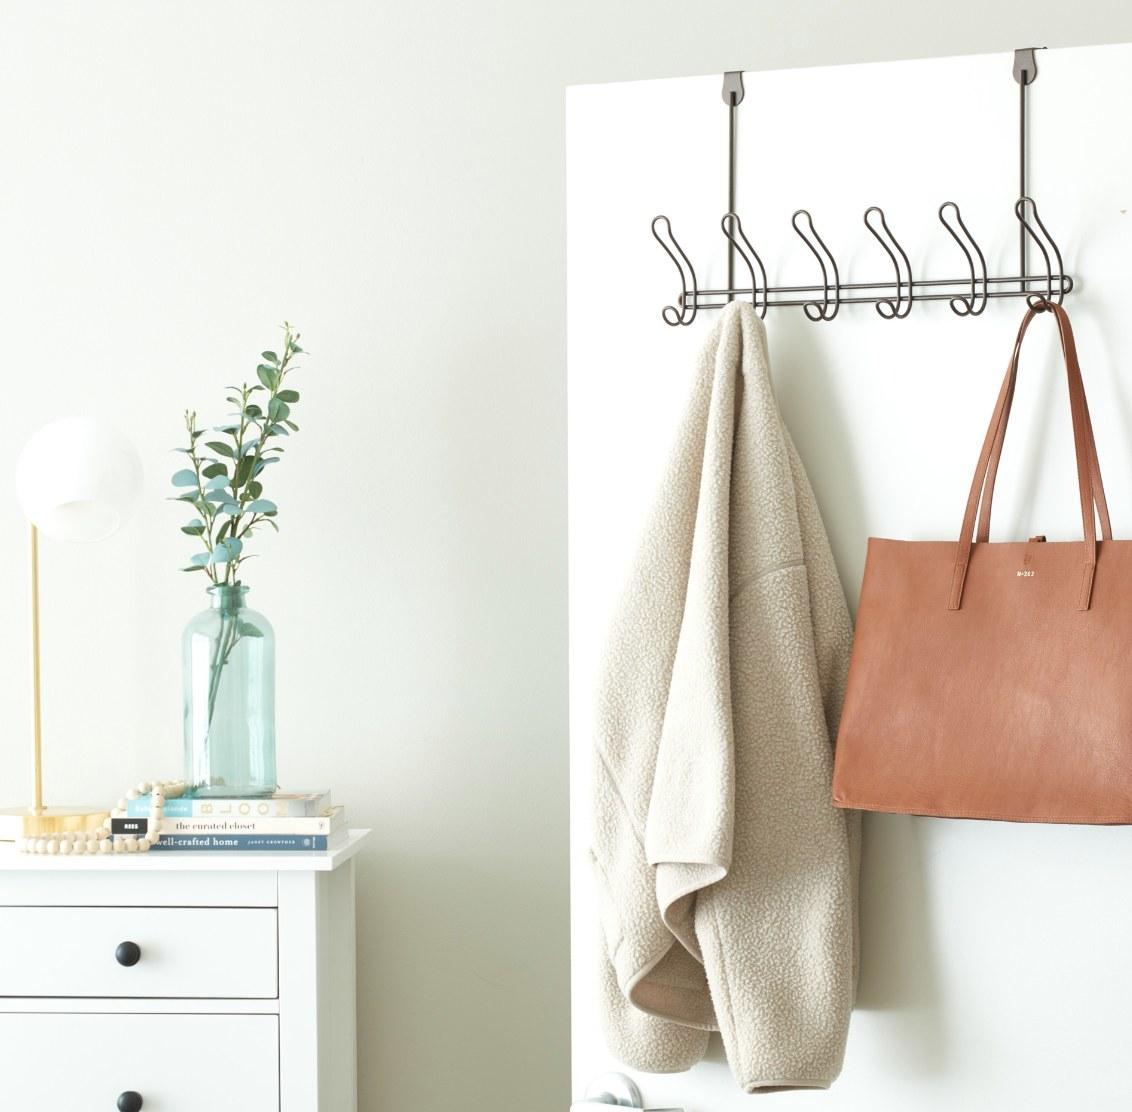 The over-the-door coat rack in bronze